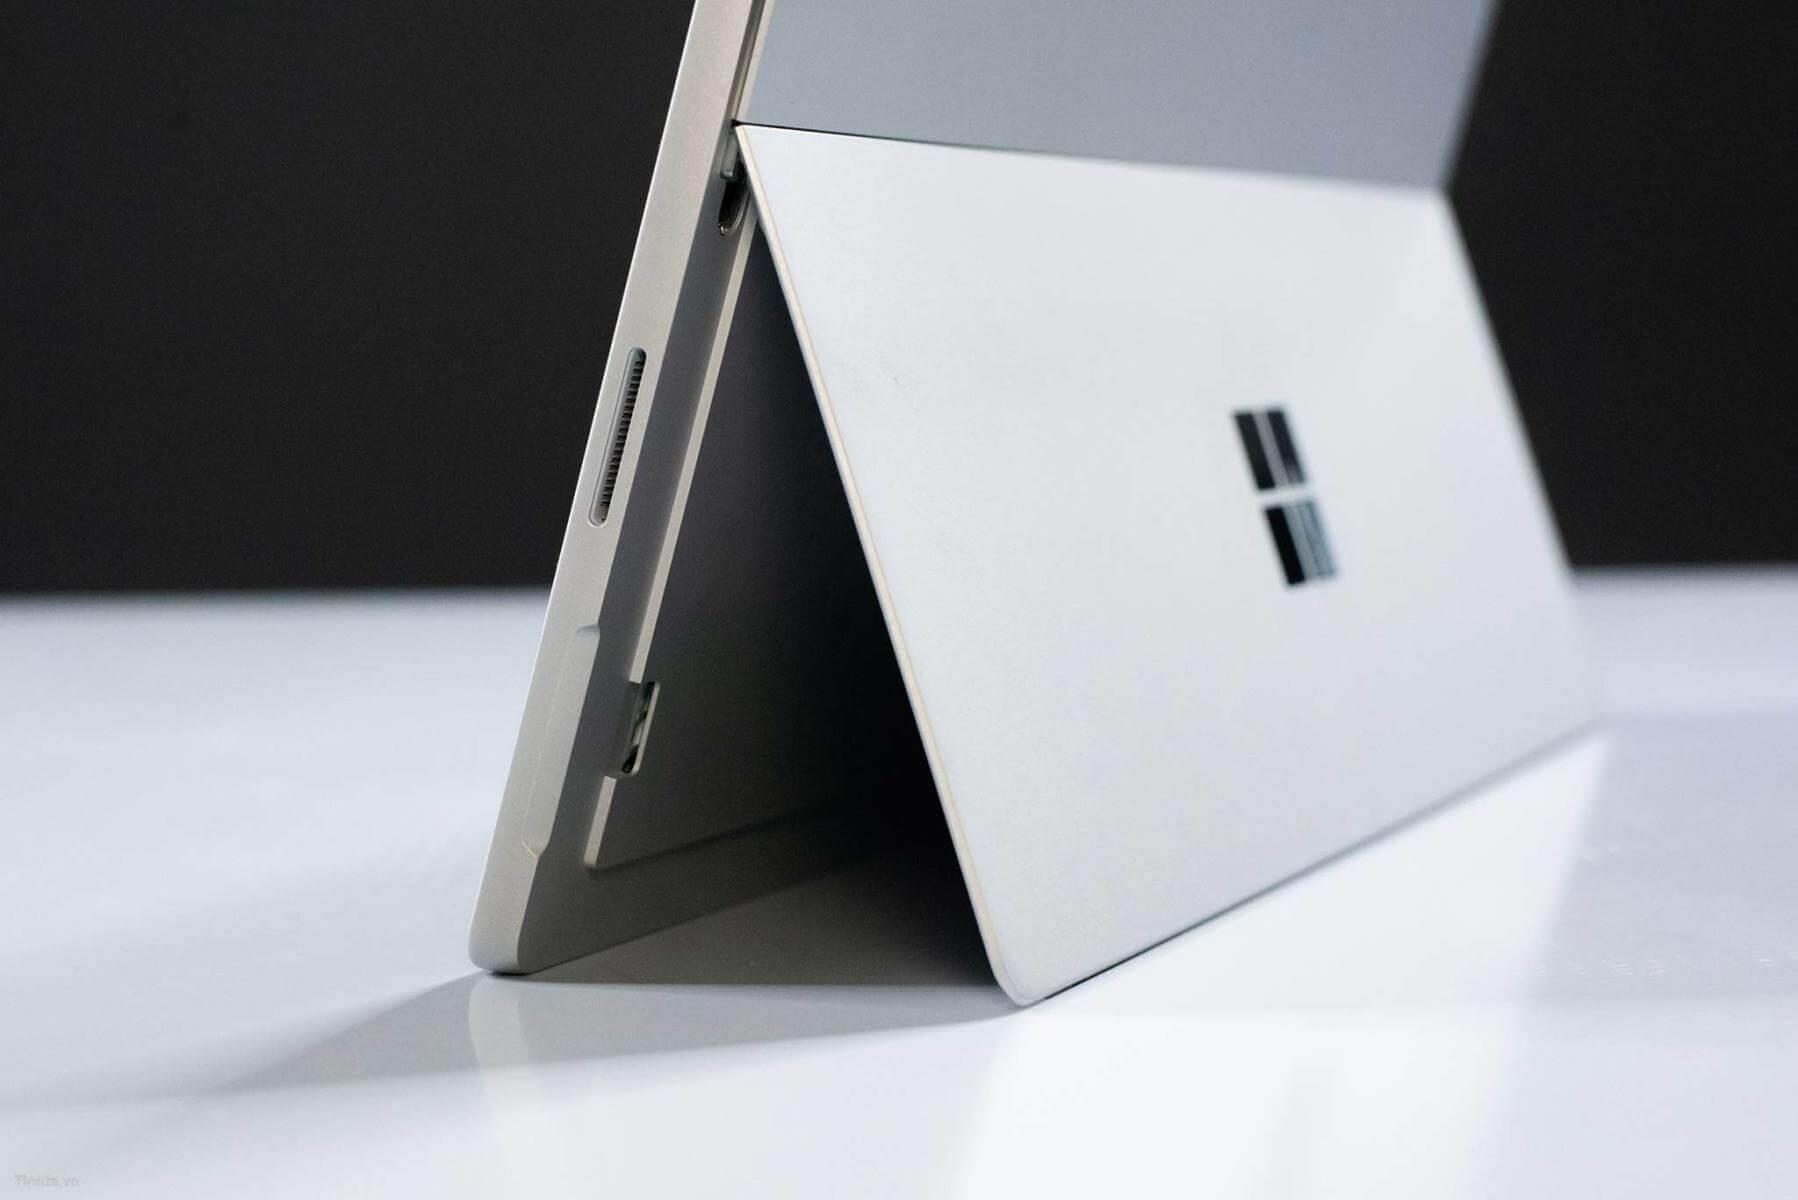 Sızıntıya göre Microsoft Surface Laptop 2 ve Surface Pro 6'da USB-C portu olmayacak